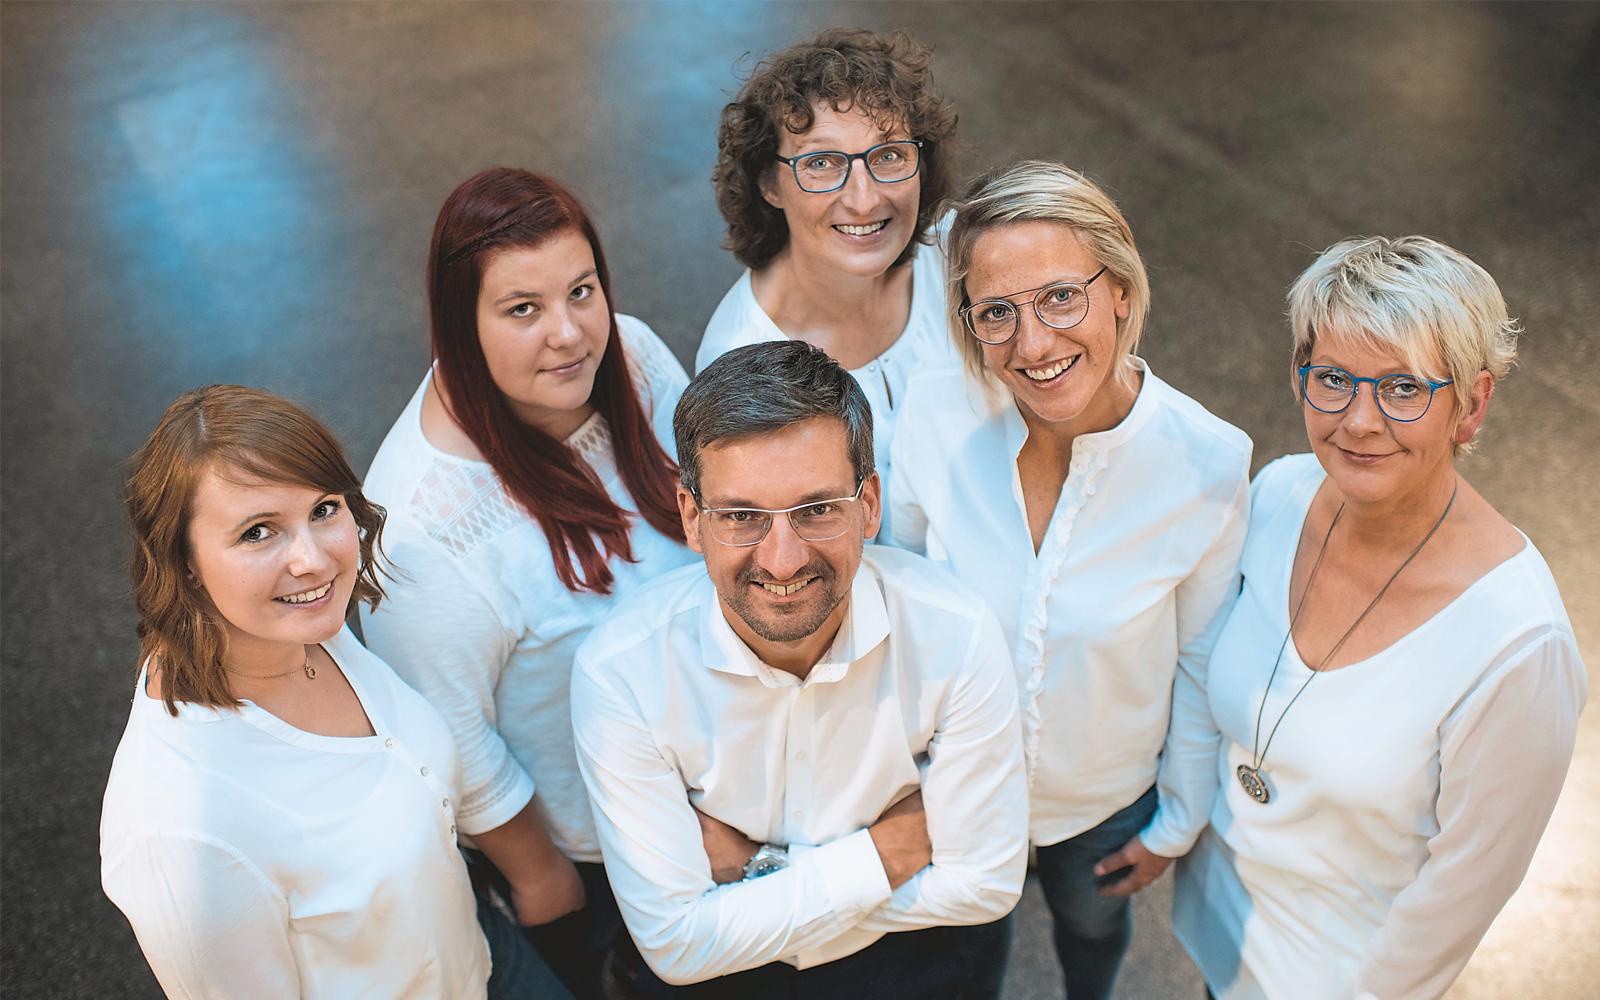 Olaf Hartmann mit seinen Mitarbeiter-innen Jacqueline Kerner, Inge Lange, Ursula Schulze, Sandra Heinze und Sabine Huchthausen (von links).